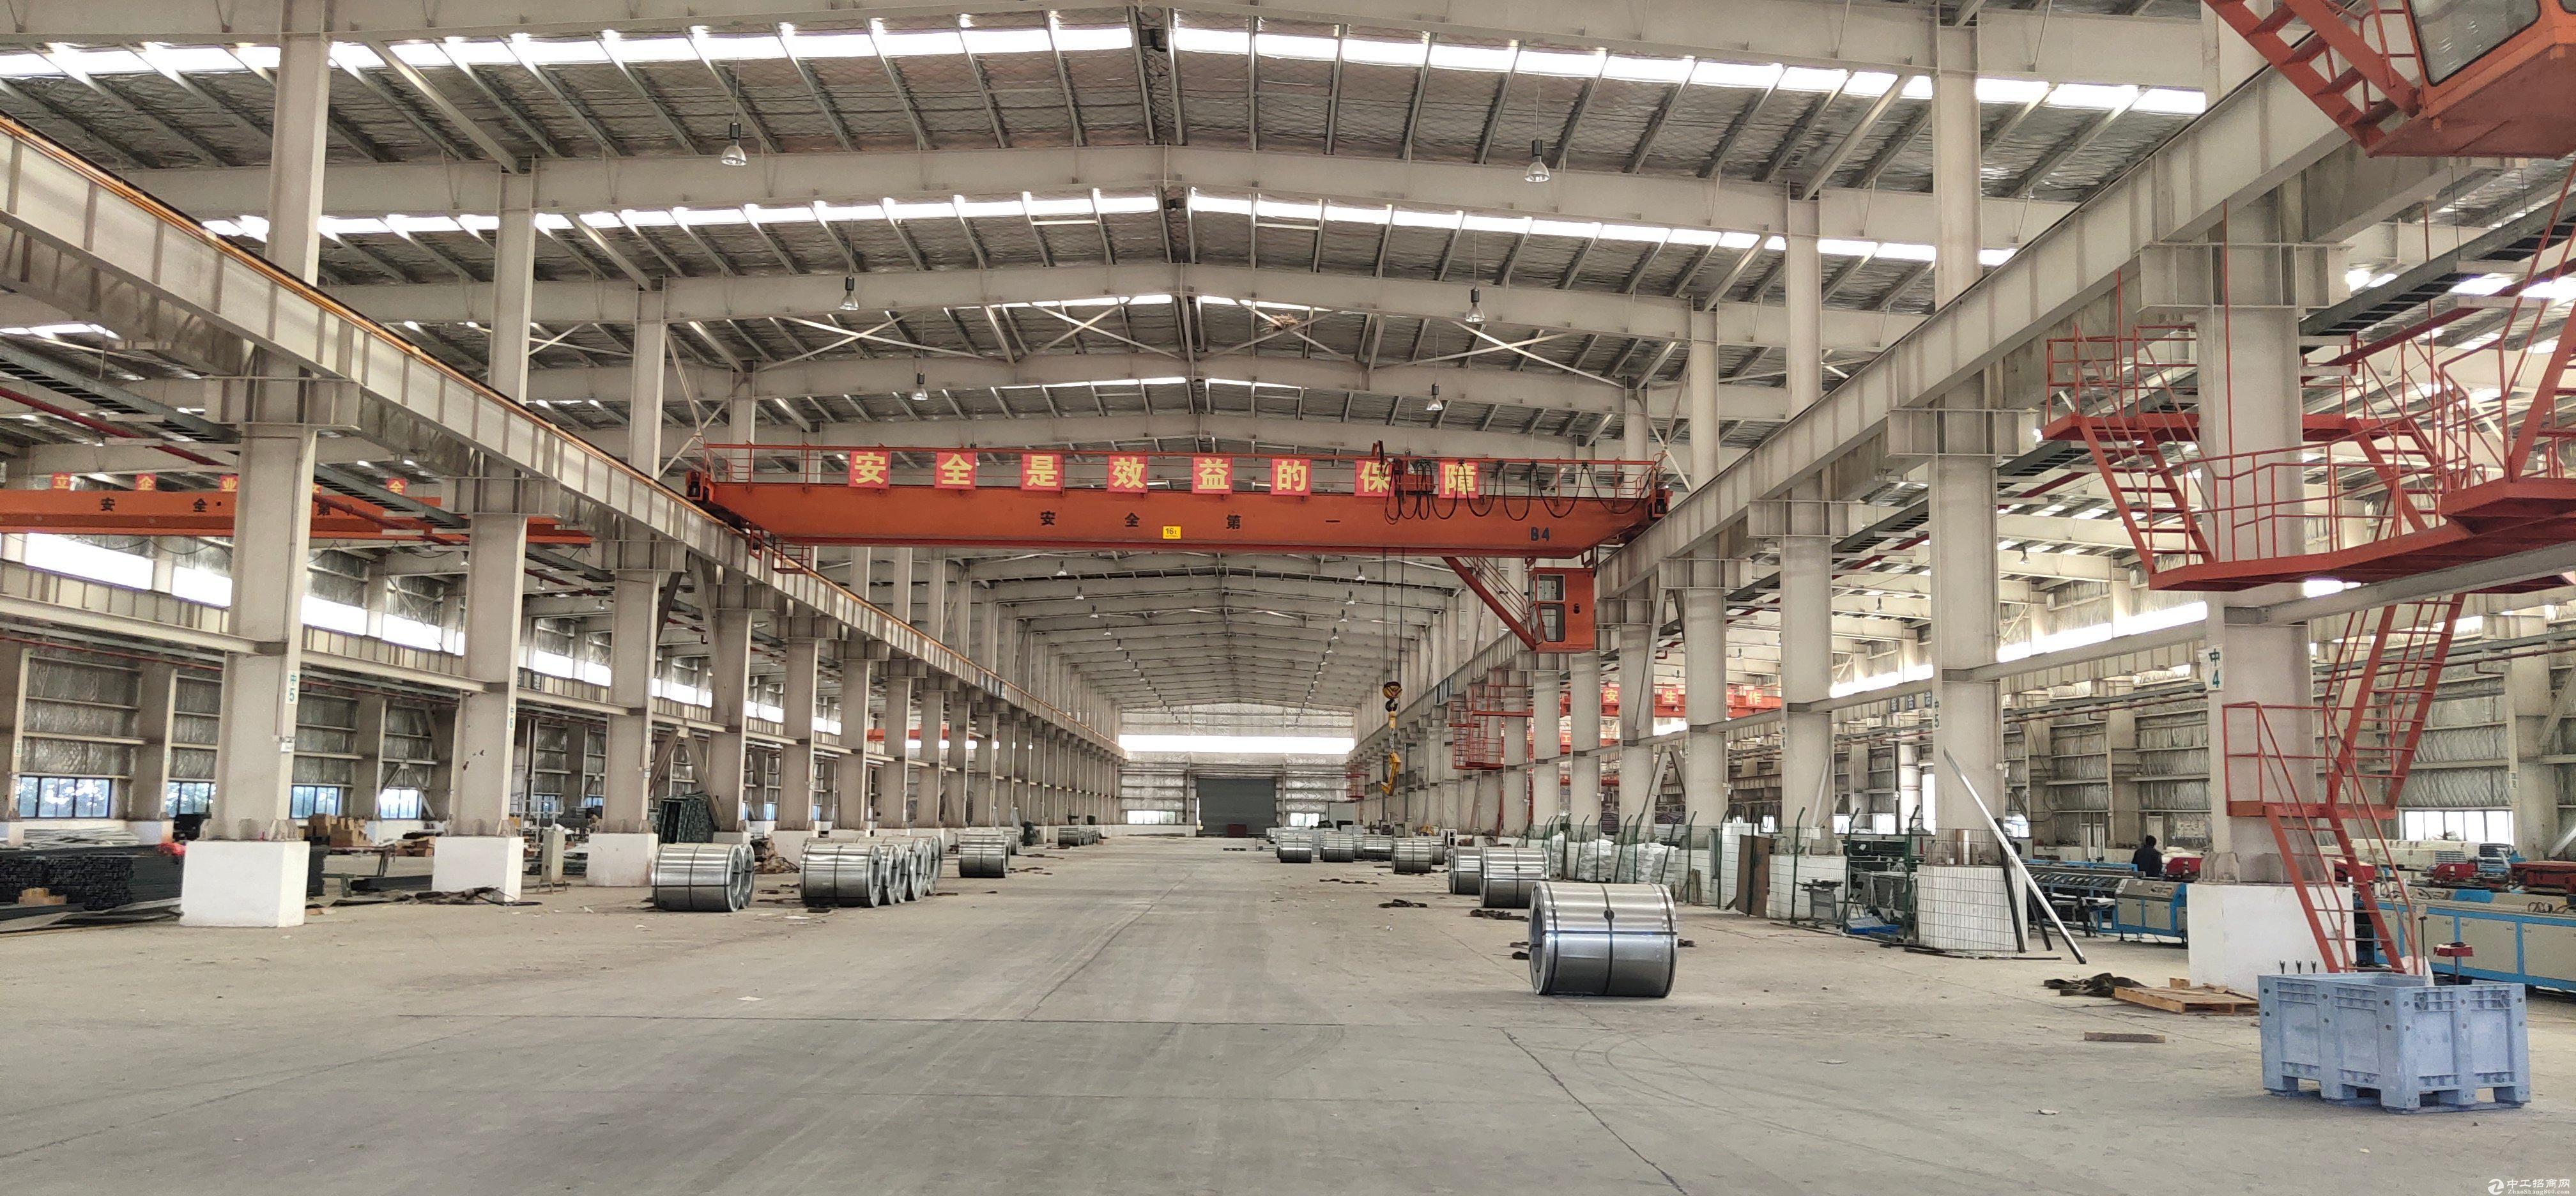 阳逻港钢构厂房,自带行吊,直接使用,免物业